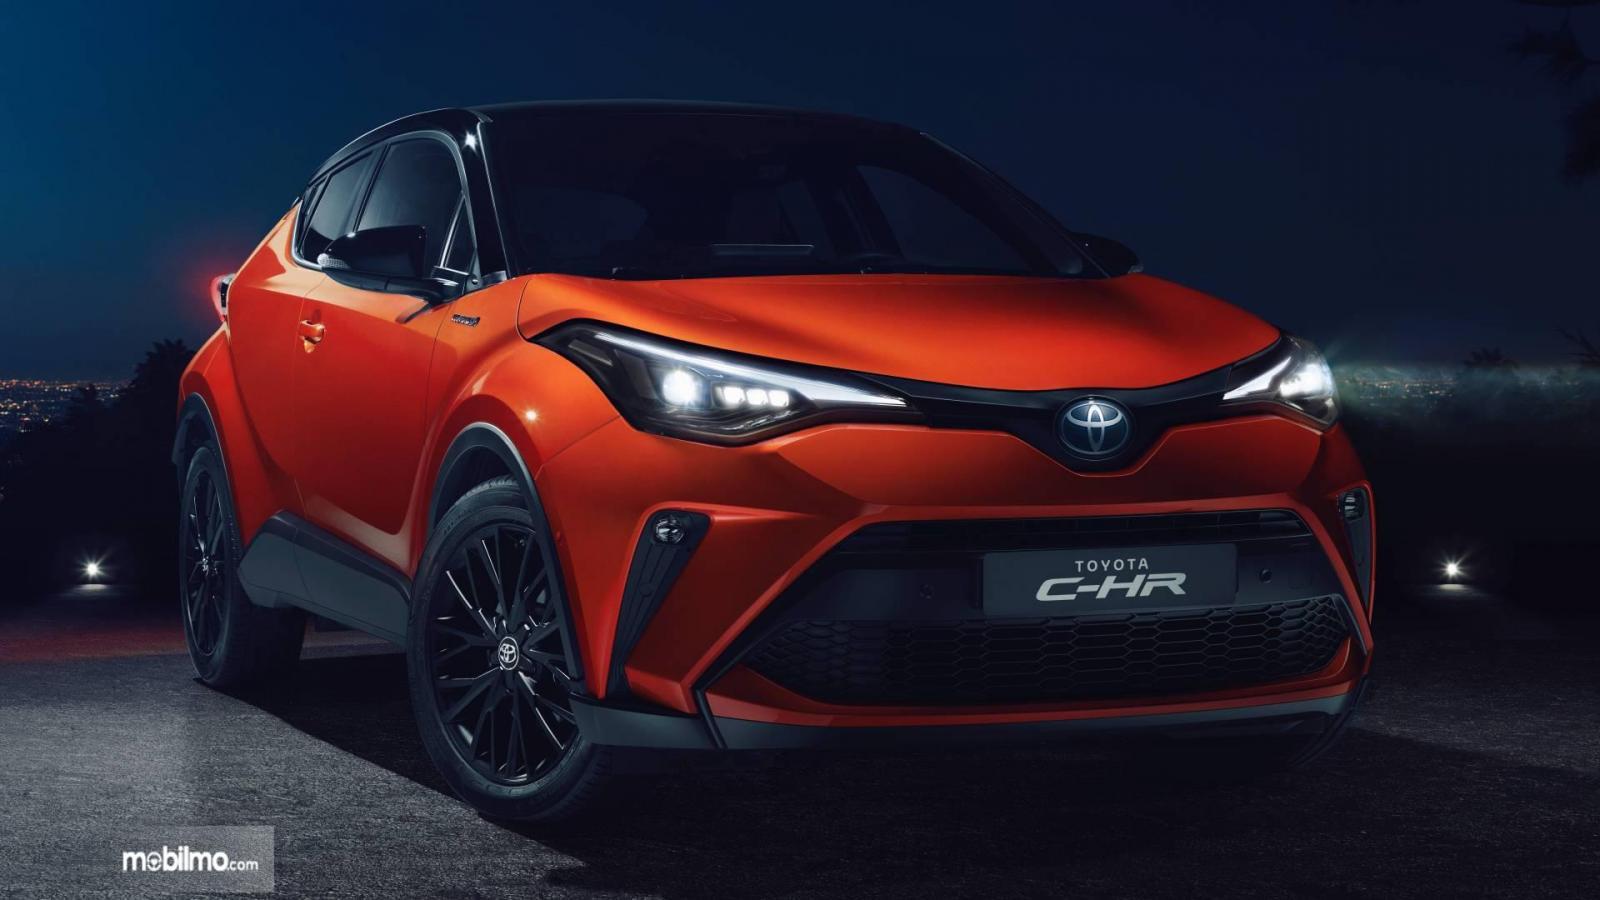 Foto menunjukkan Toyota C-HR Hybrid facelift tampak dari samping depan